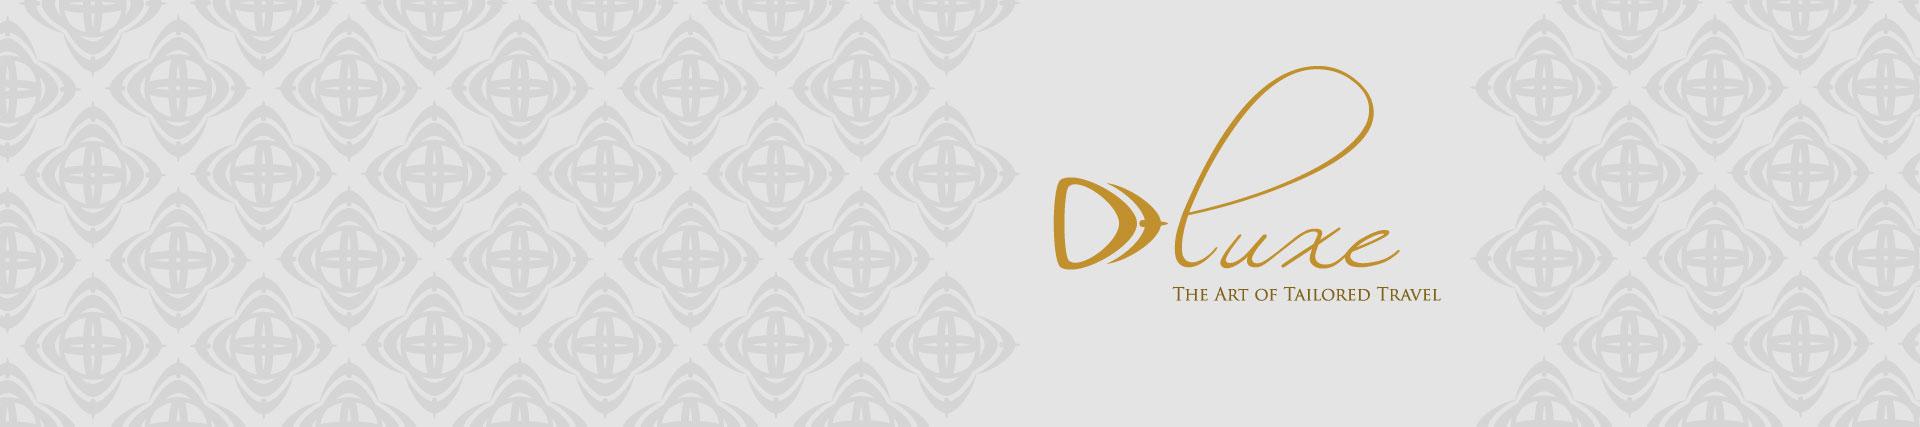 DT Luxe Header